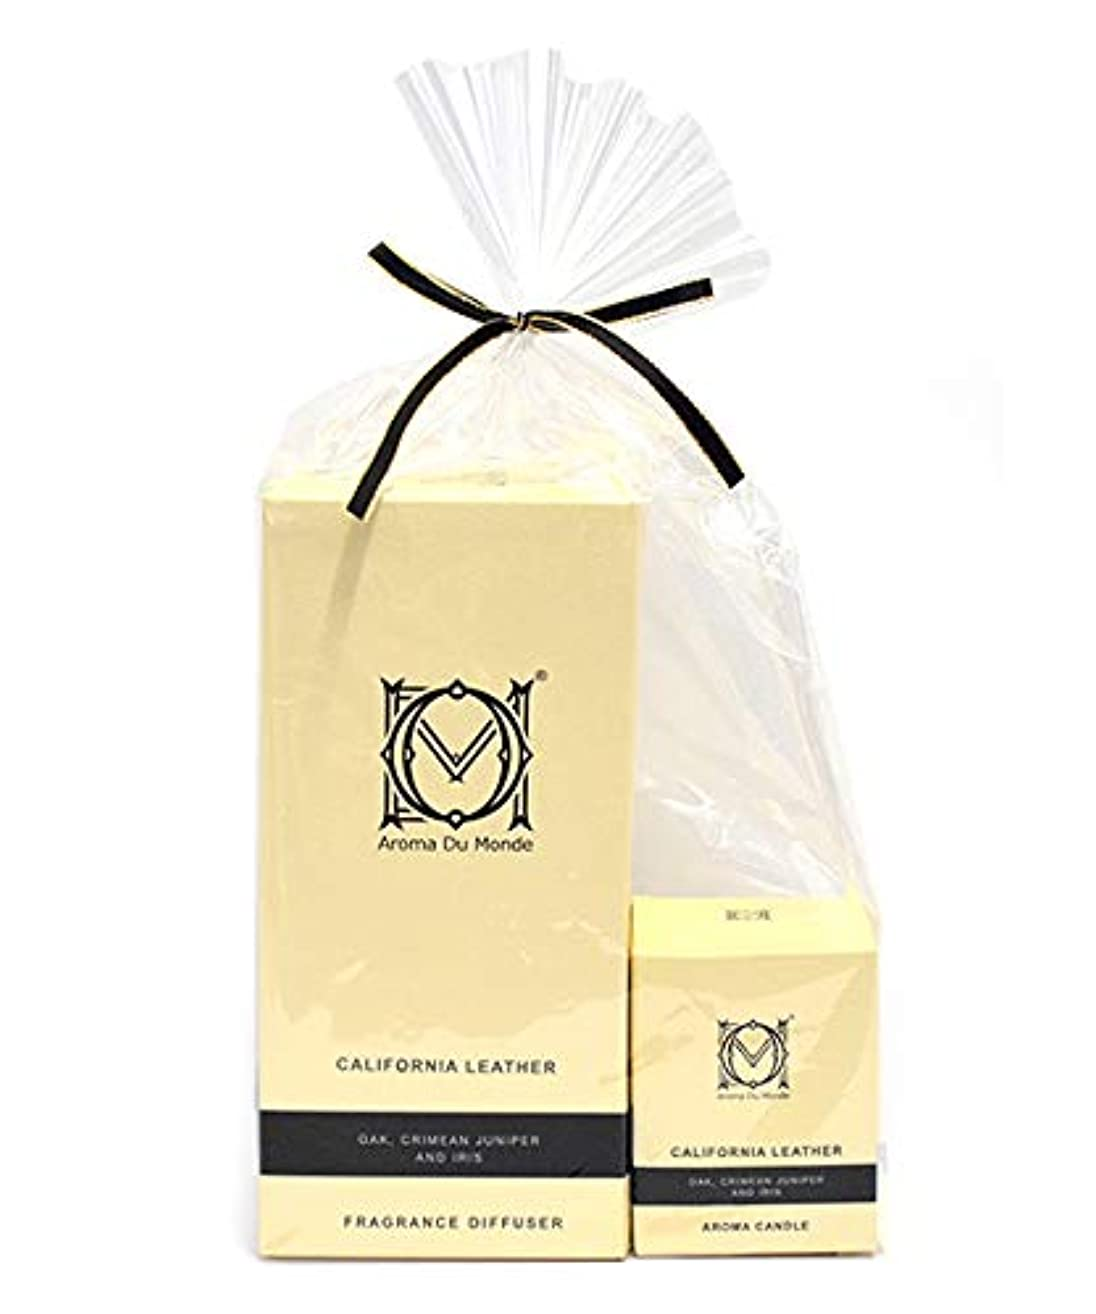 平手打ちノベルティ陰謀フレグランスディフューザー&キャンドル カリフォルニアレザー セット Aroma Du Monde/ADM Fragrance Diffuser & Candle California Leather Set 81159